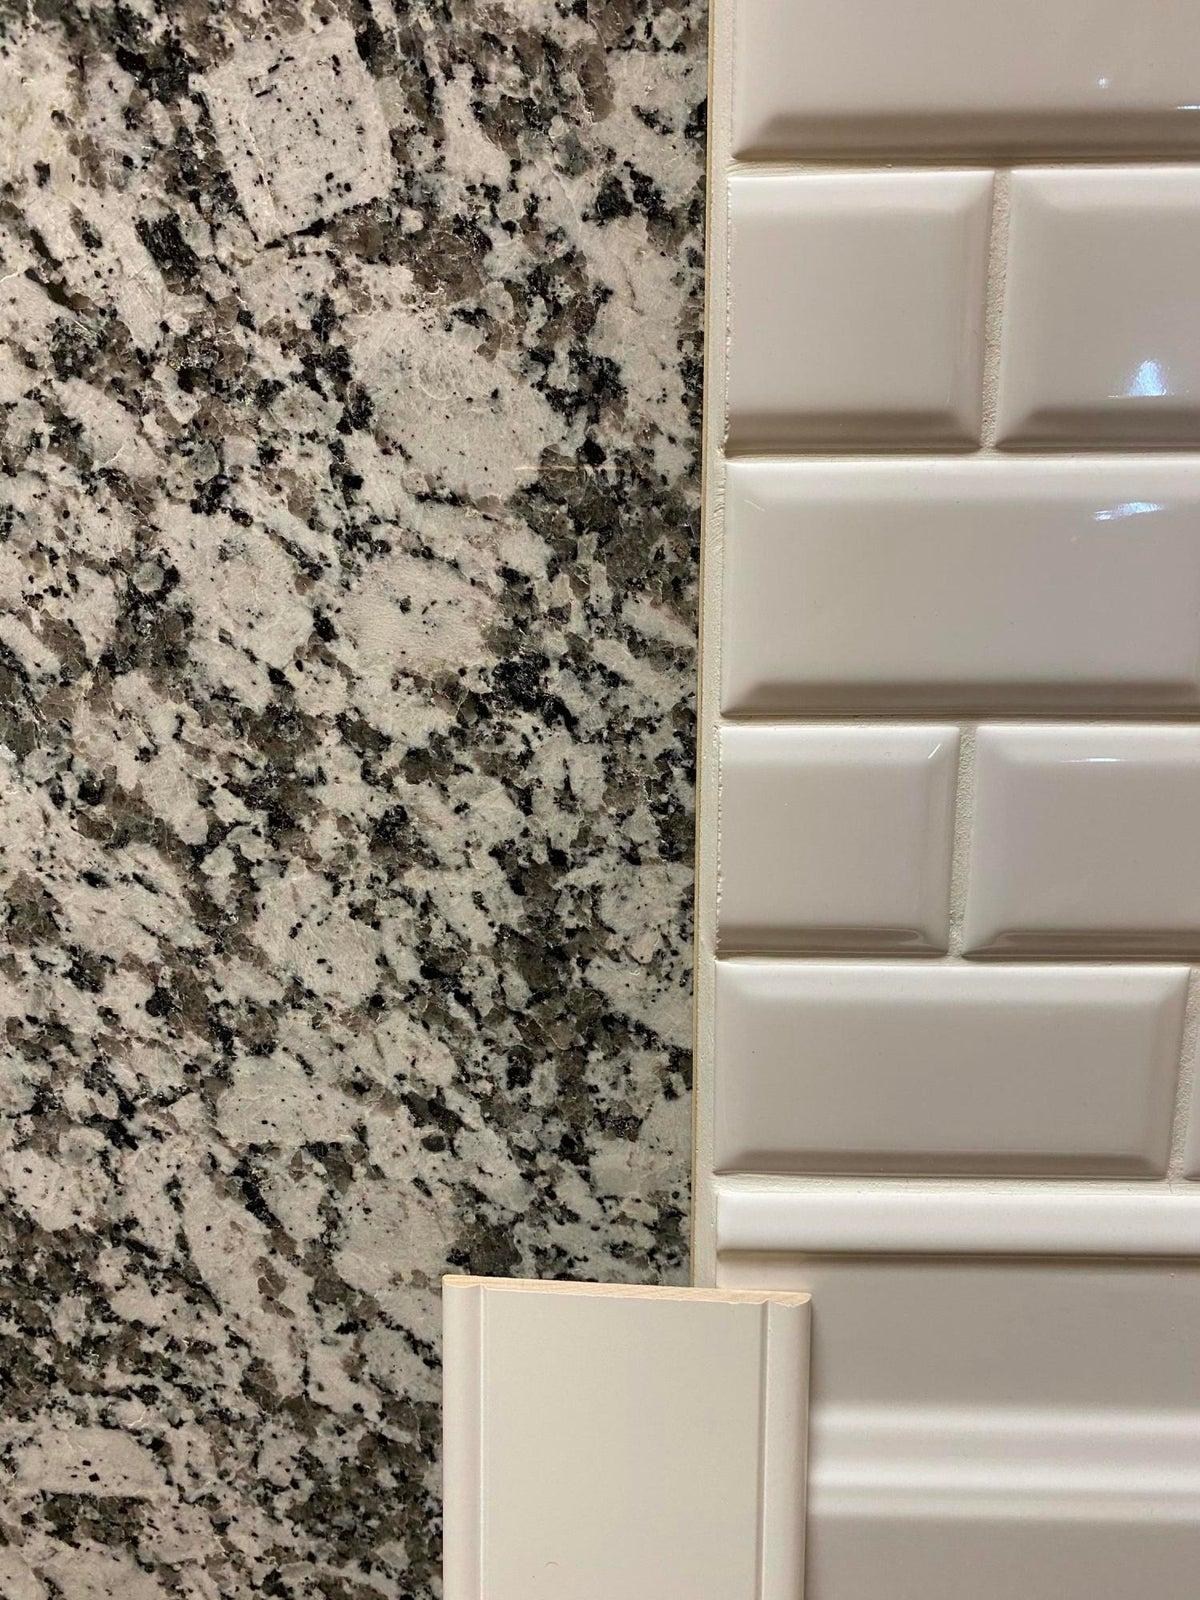 HHALL46 Kitchen Granite, Cabinets, Backs